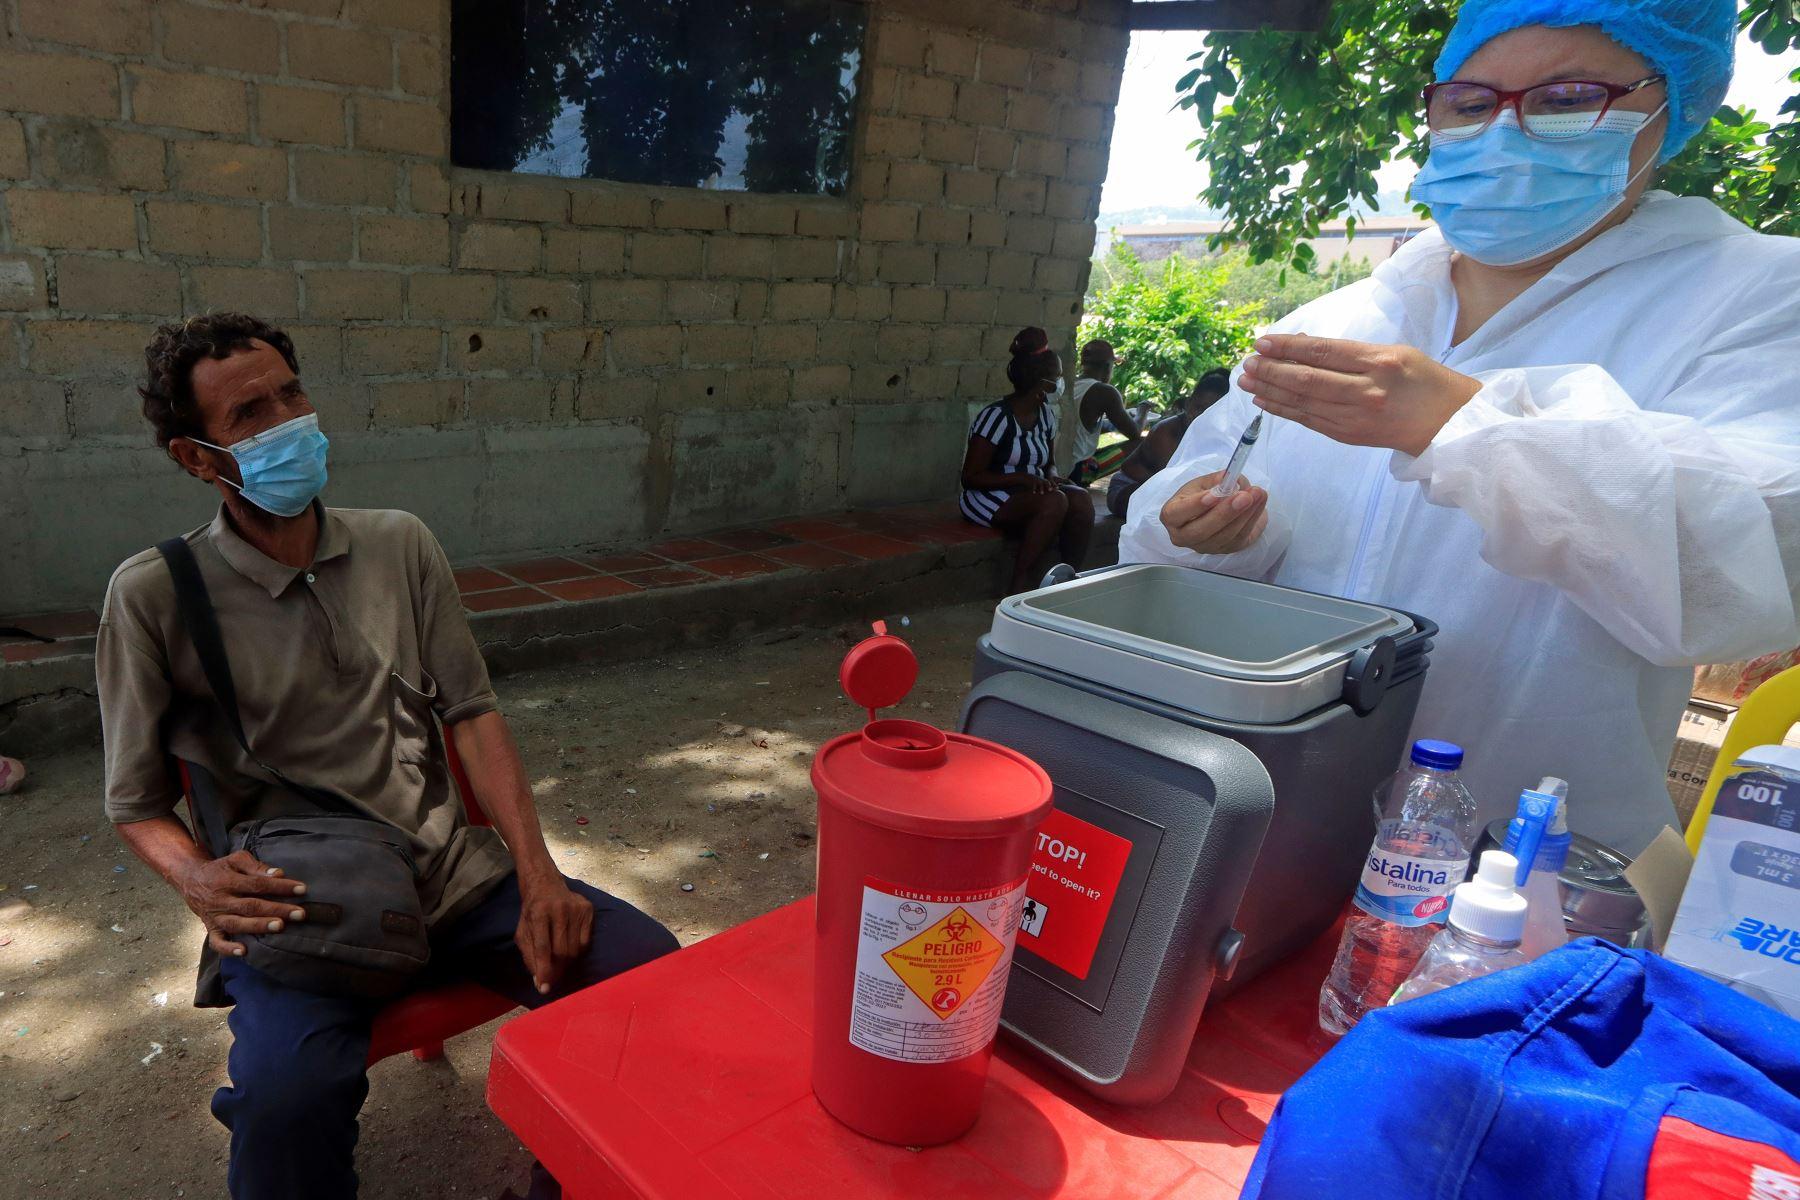 Un habitante de la calle recibe esto procedente de la vacuna de Janssen contra el covid-19 durante una jornada de vacunación, en Cartagena, Colombia. Foto: EFE